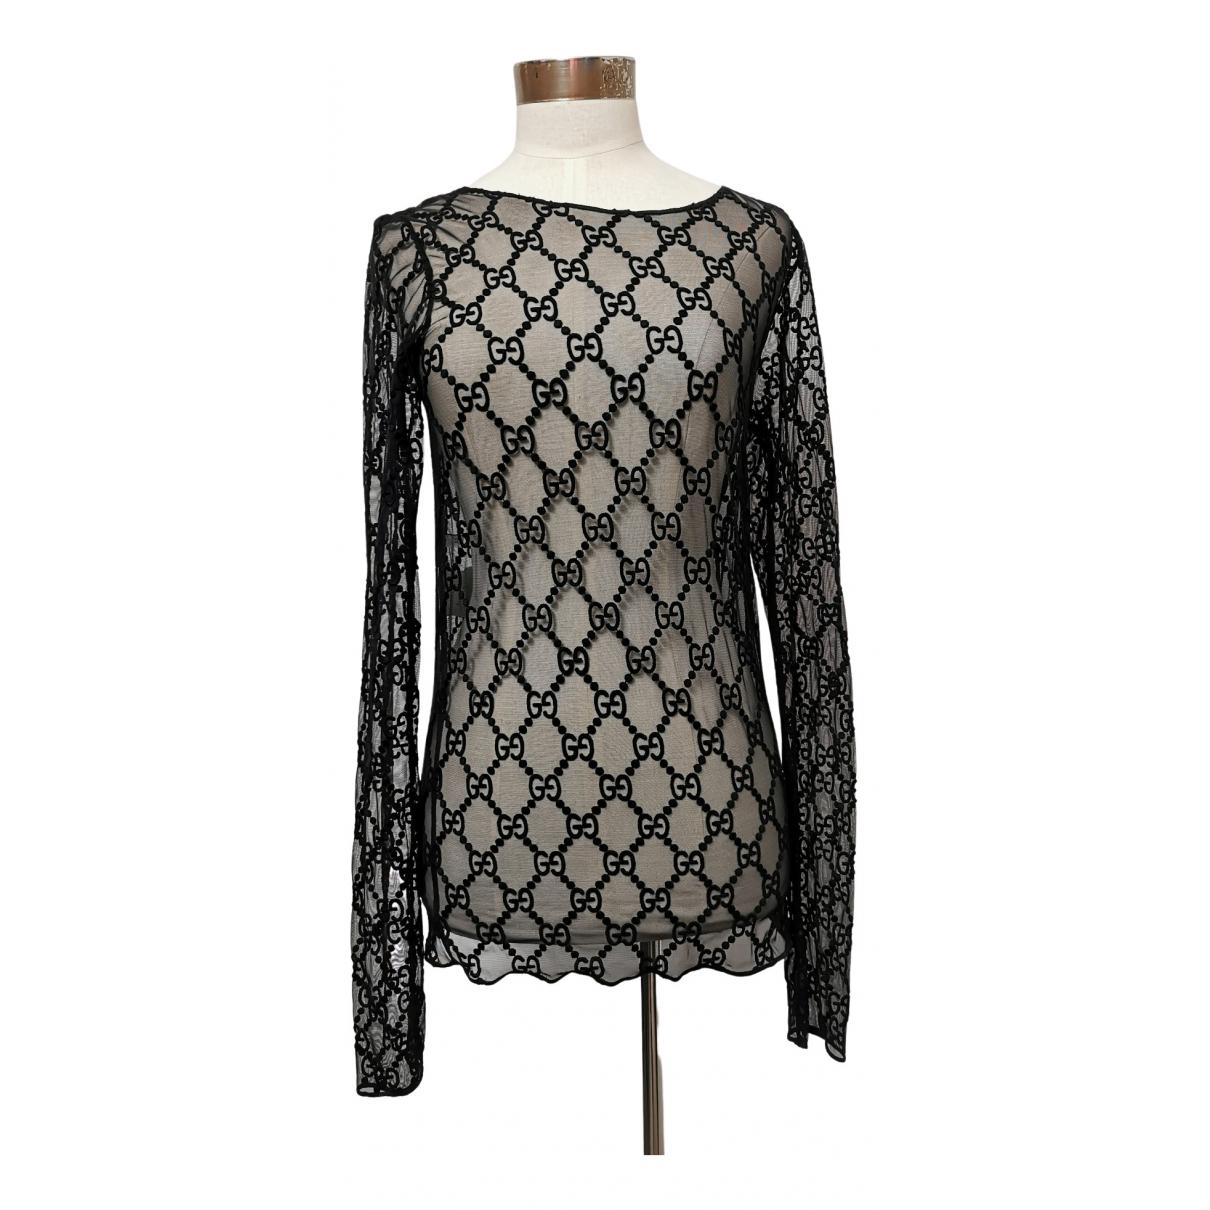 Gucci - Top   pour femme en dentelle - noir